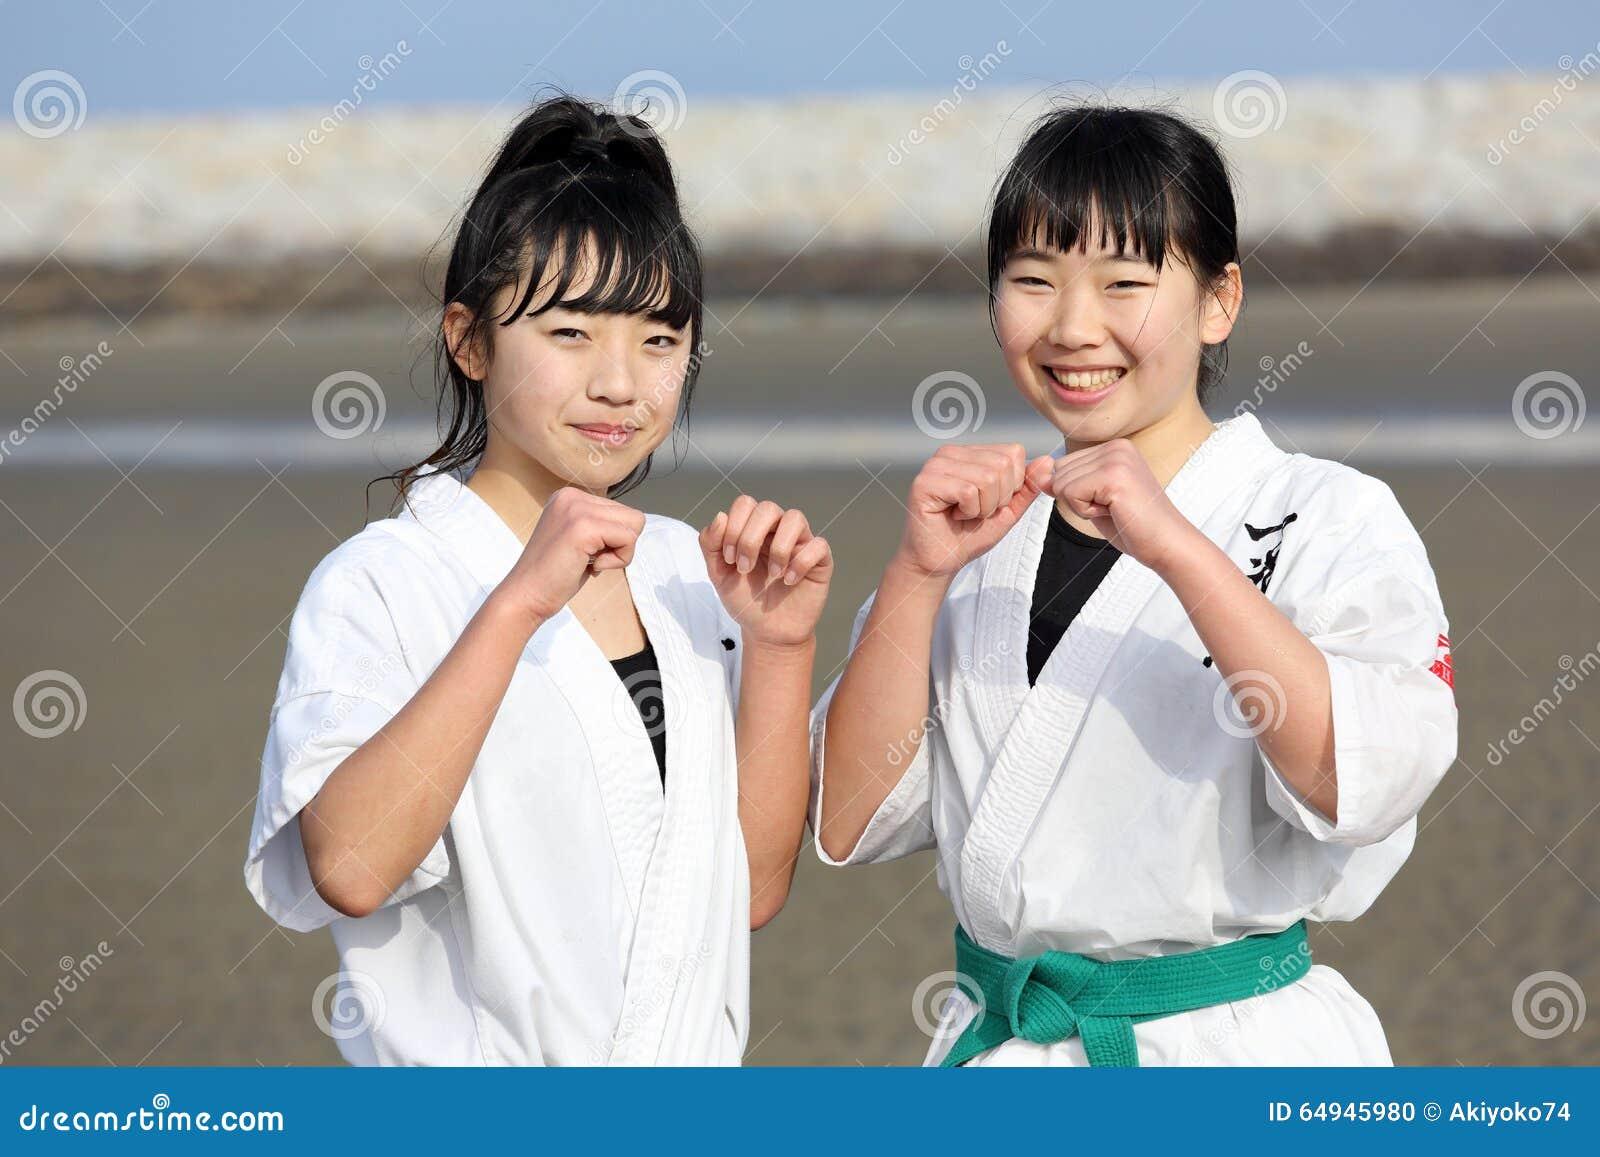 Горячих парней японские девушки на пляже фото обкончал